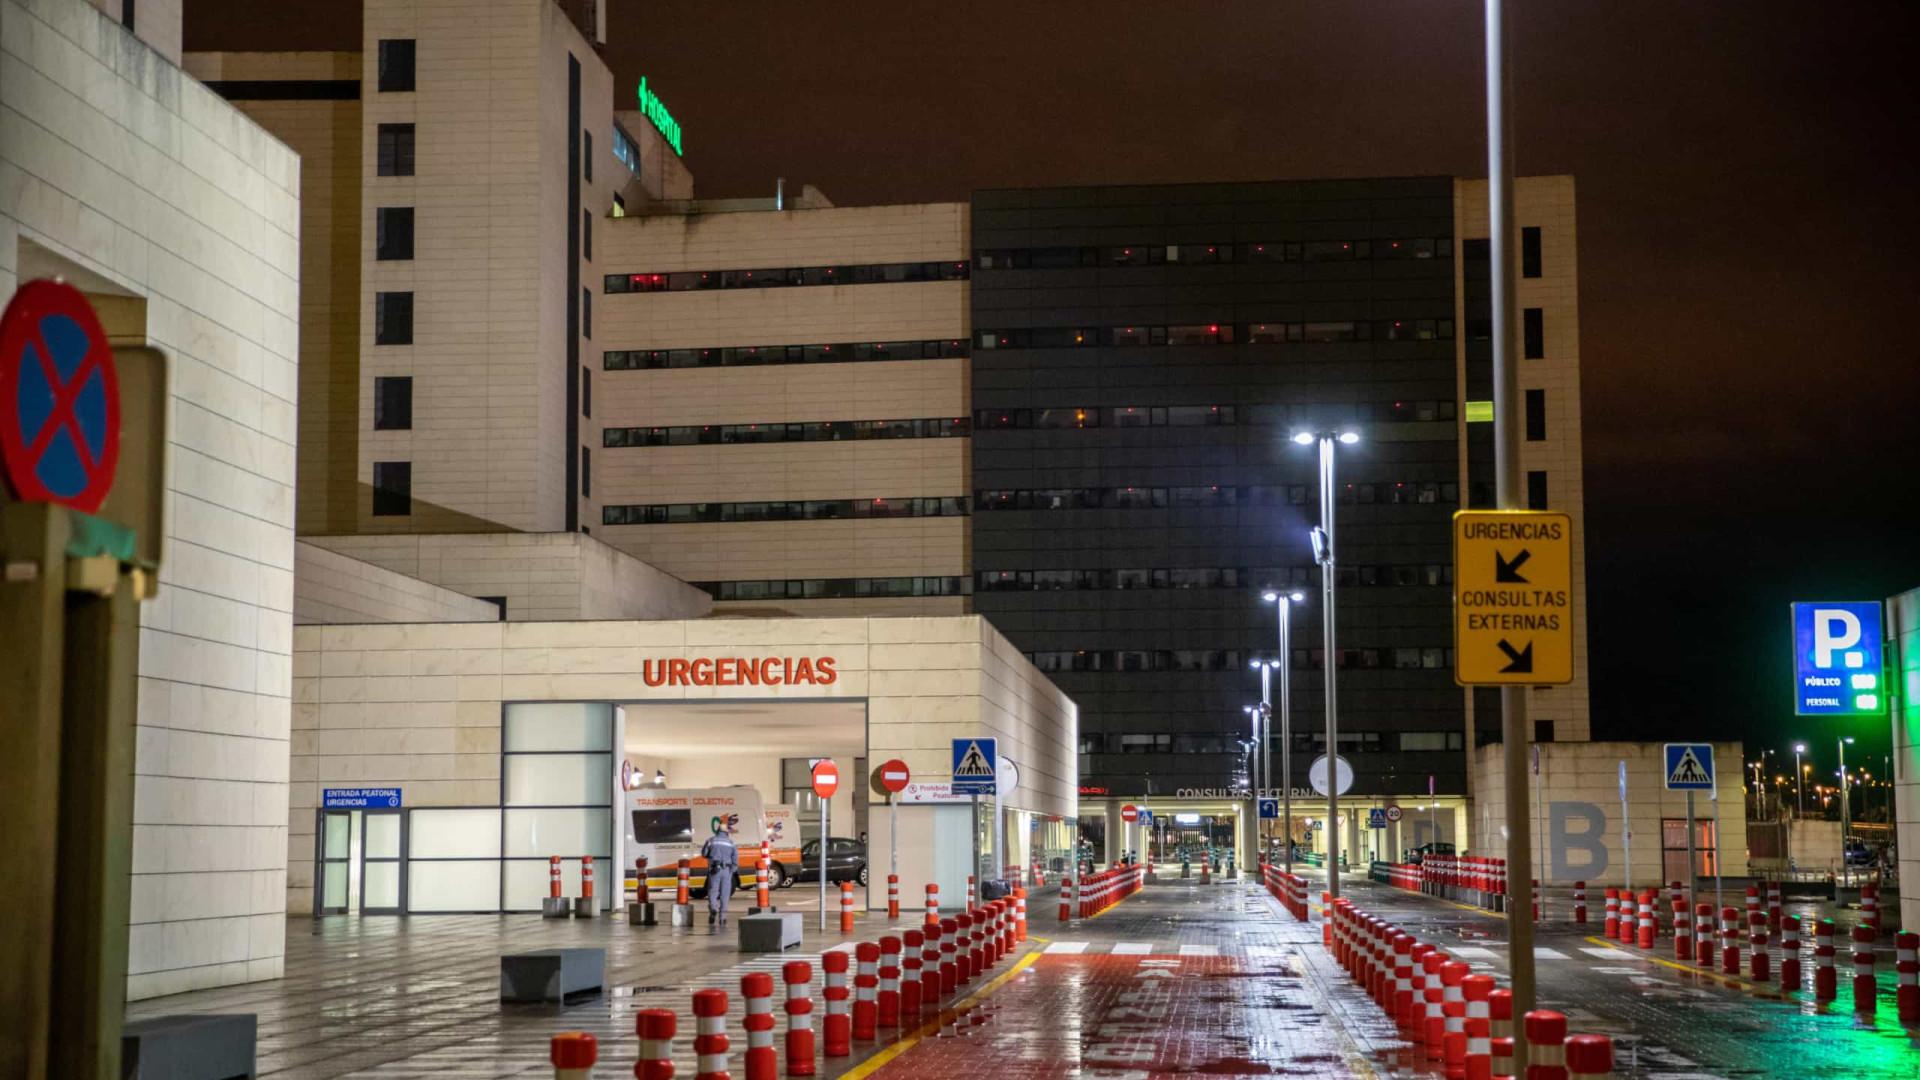 Espanhóis em quarentena em hospital de Madrid já têm data para alta